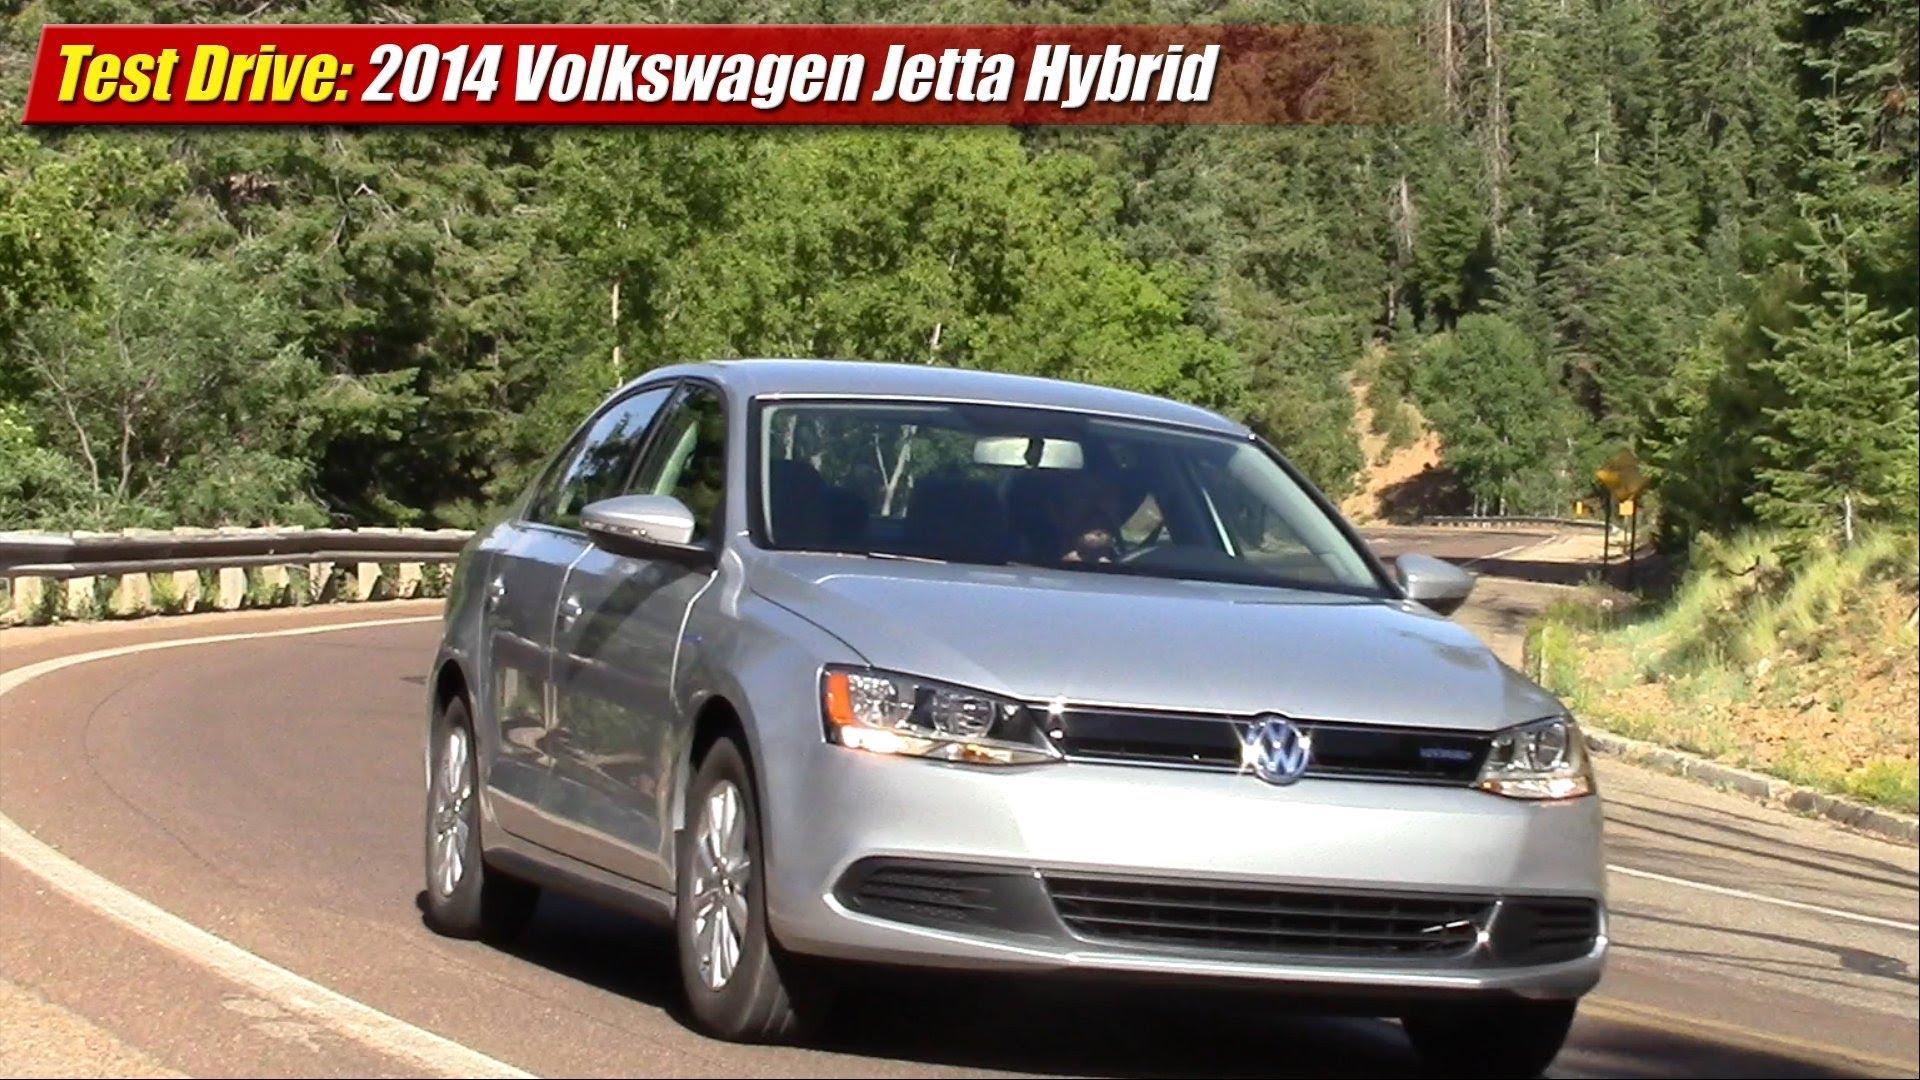 Test Drive: 2014 Volkswagen Jetta Hybrid